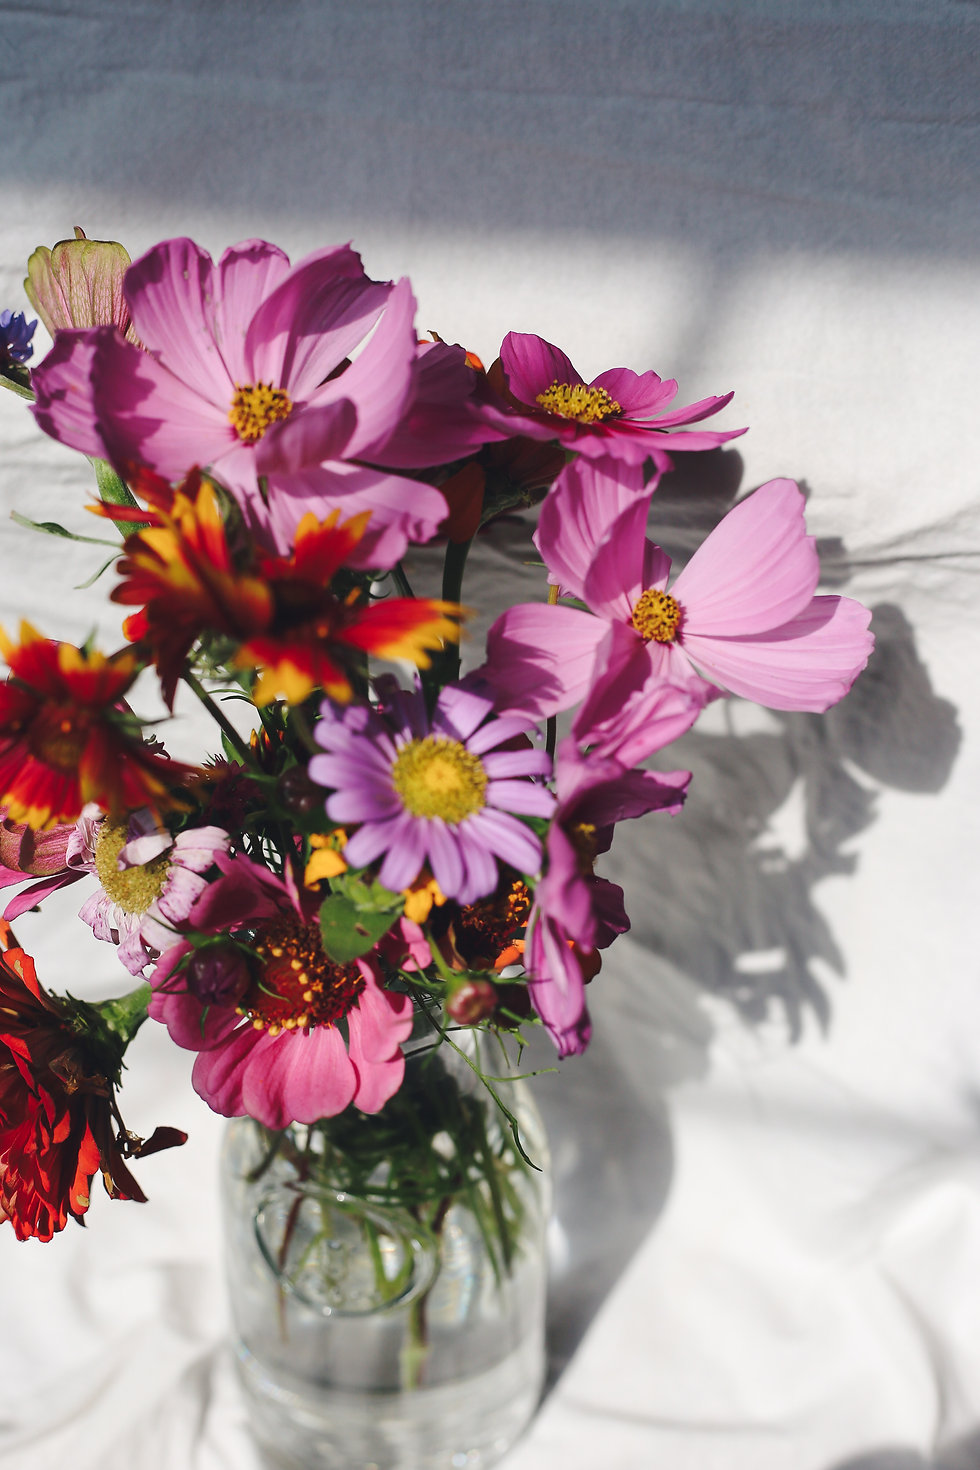 Cut Flowers, Plants, Arrangements & Compositions